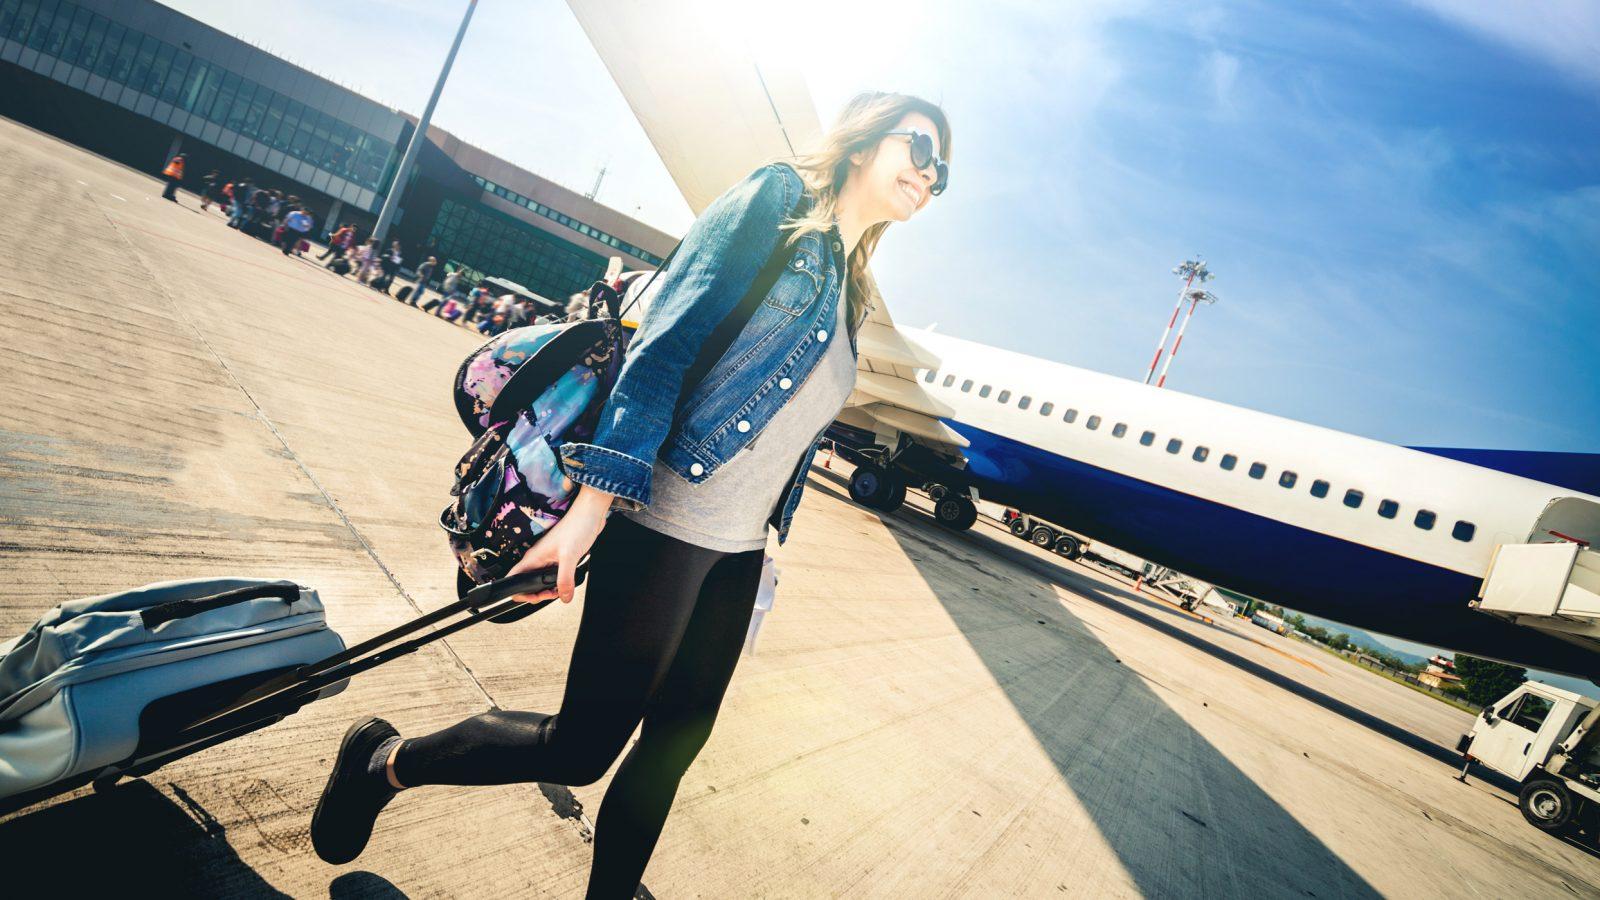 Flugzeug Boarding Plätze